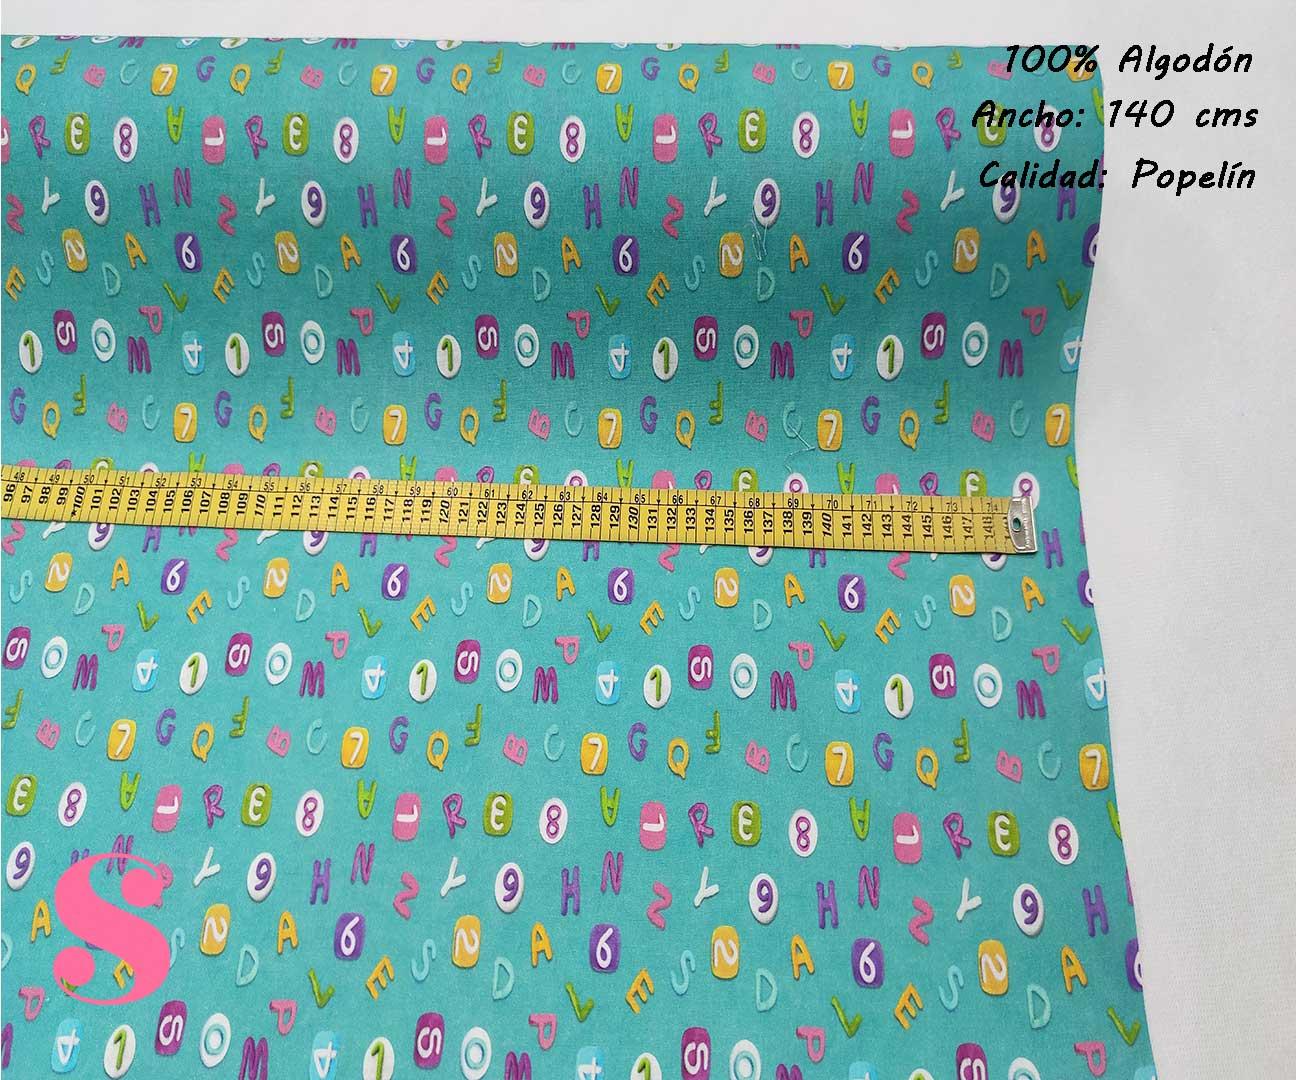 308-letras-abecedario-niños-tejidos-algodón-estampado-popelin,Popelín Estampado Abecedario y Números Turquesa